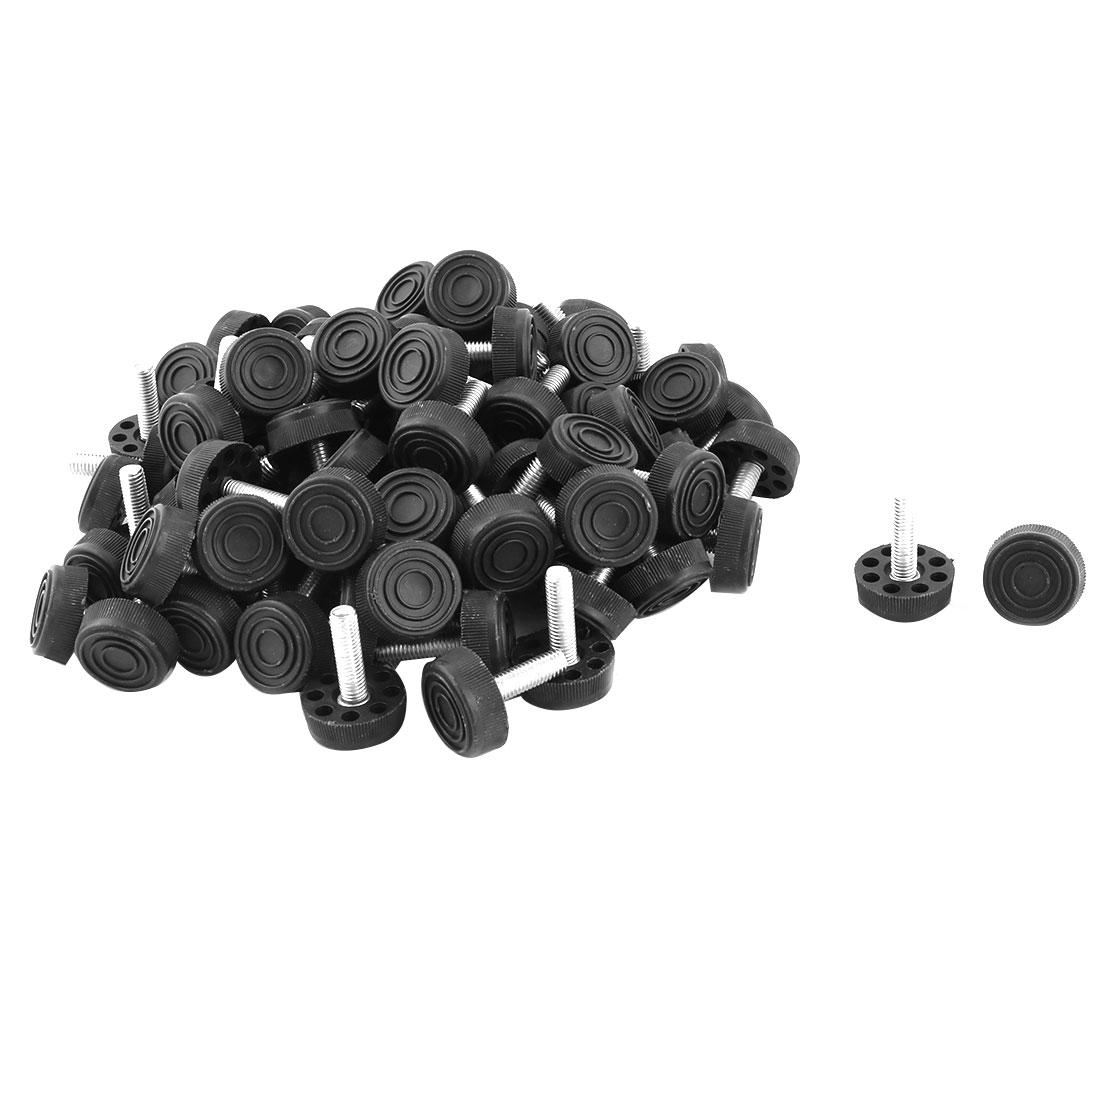 Home Adjustable Skid Resistant Furniture Protector Leveling Foot Black 100pcs